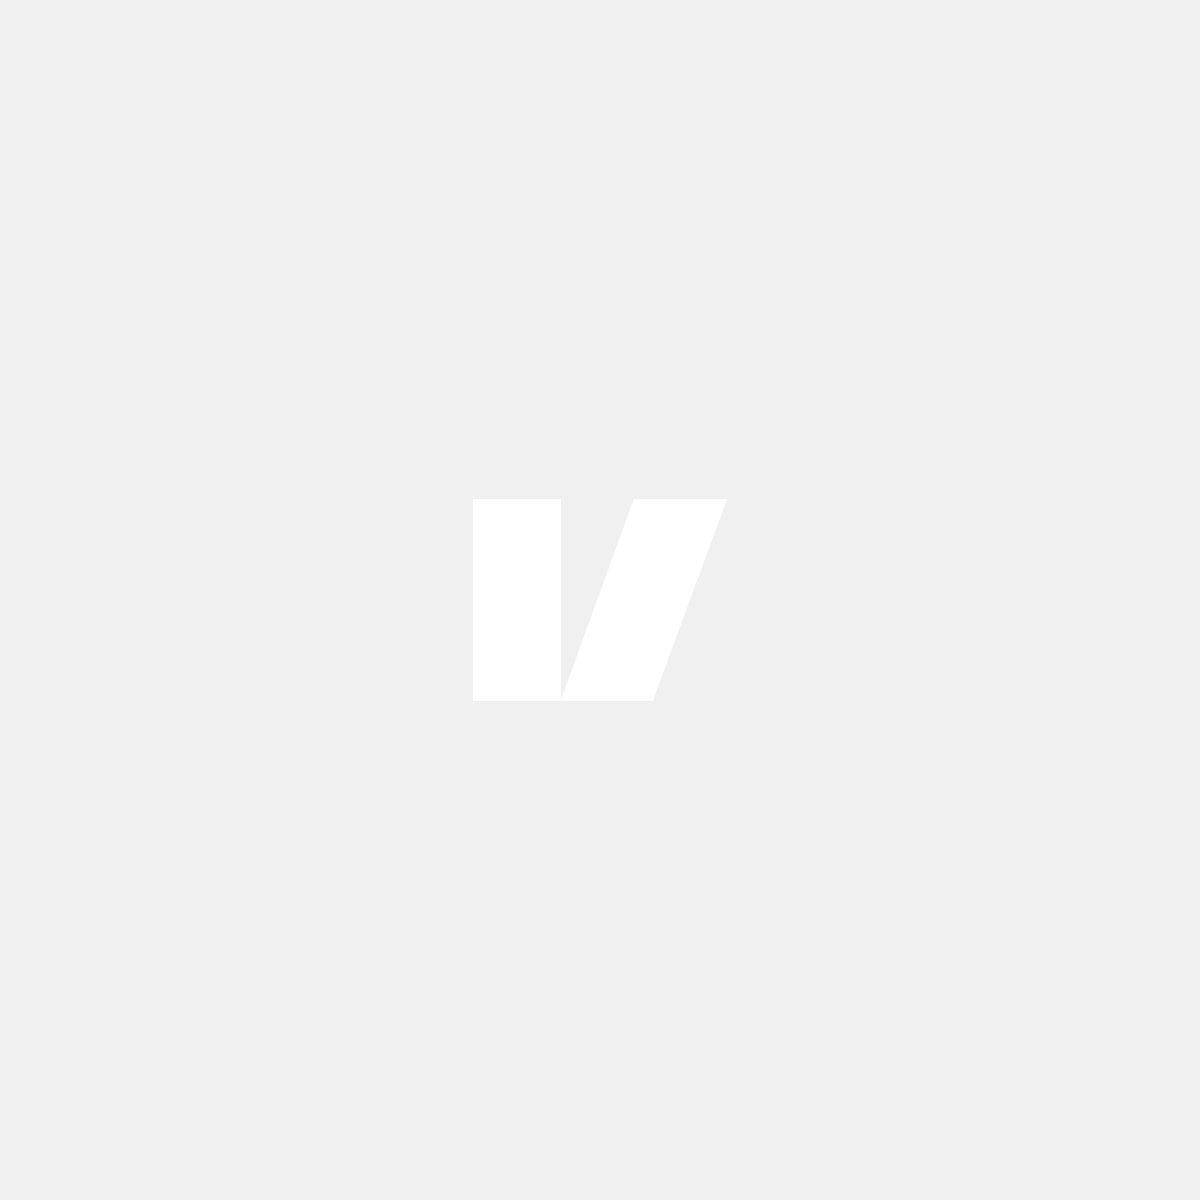 Powerflex polyuretan krängningshämmarbussningar till Volvo S80, V70, XC60, XC70